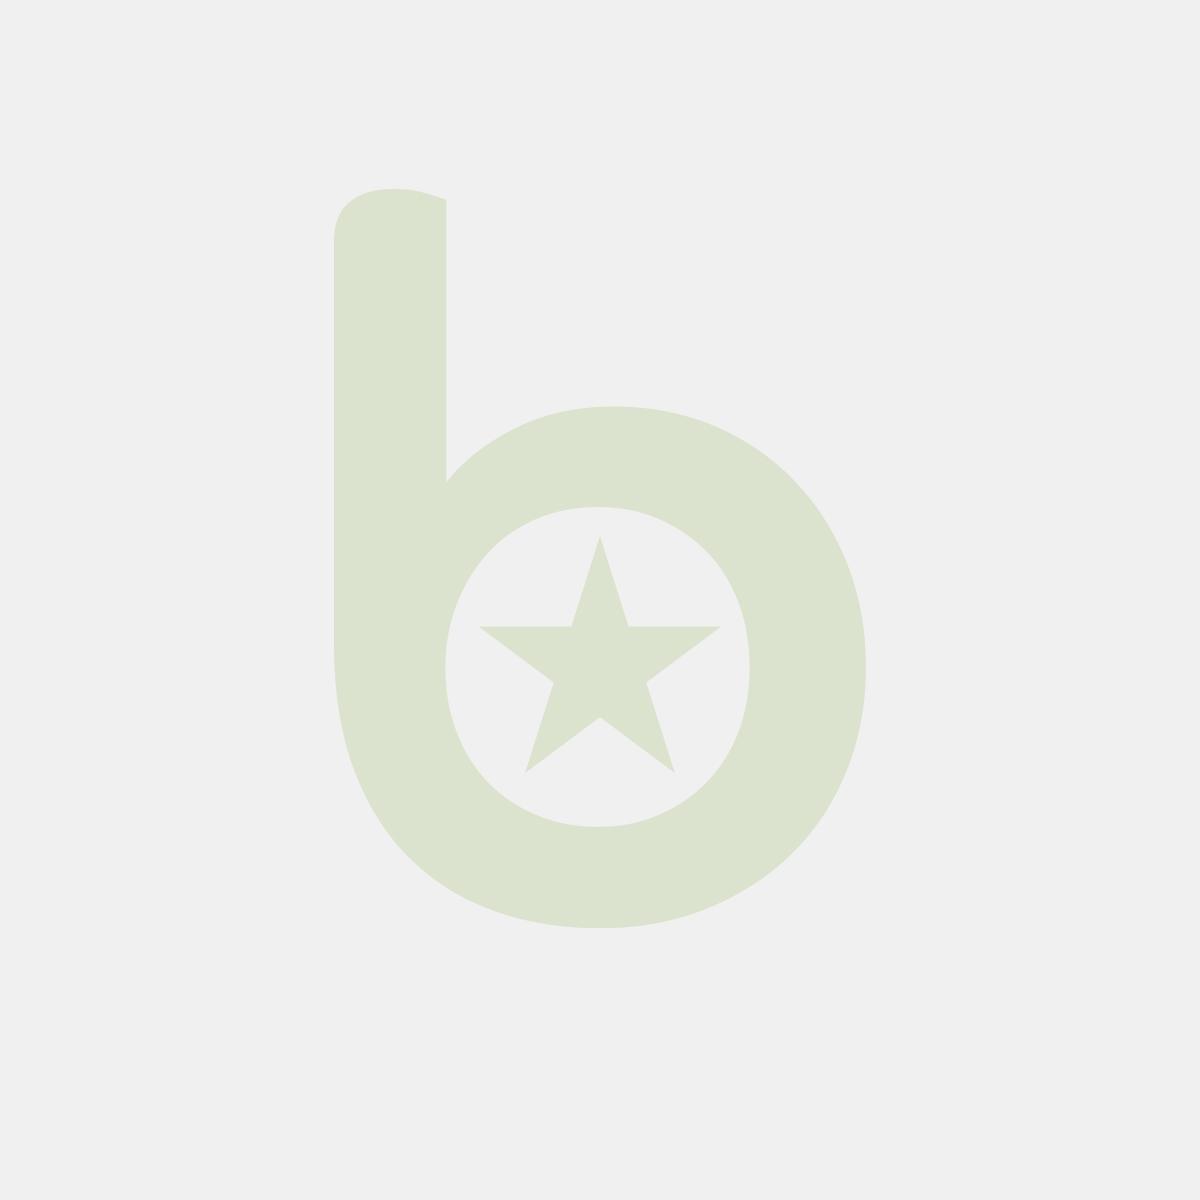 Serwetki PAPSTAR Royal Collection Kim 40x40 zielone, opakowanie 50szt